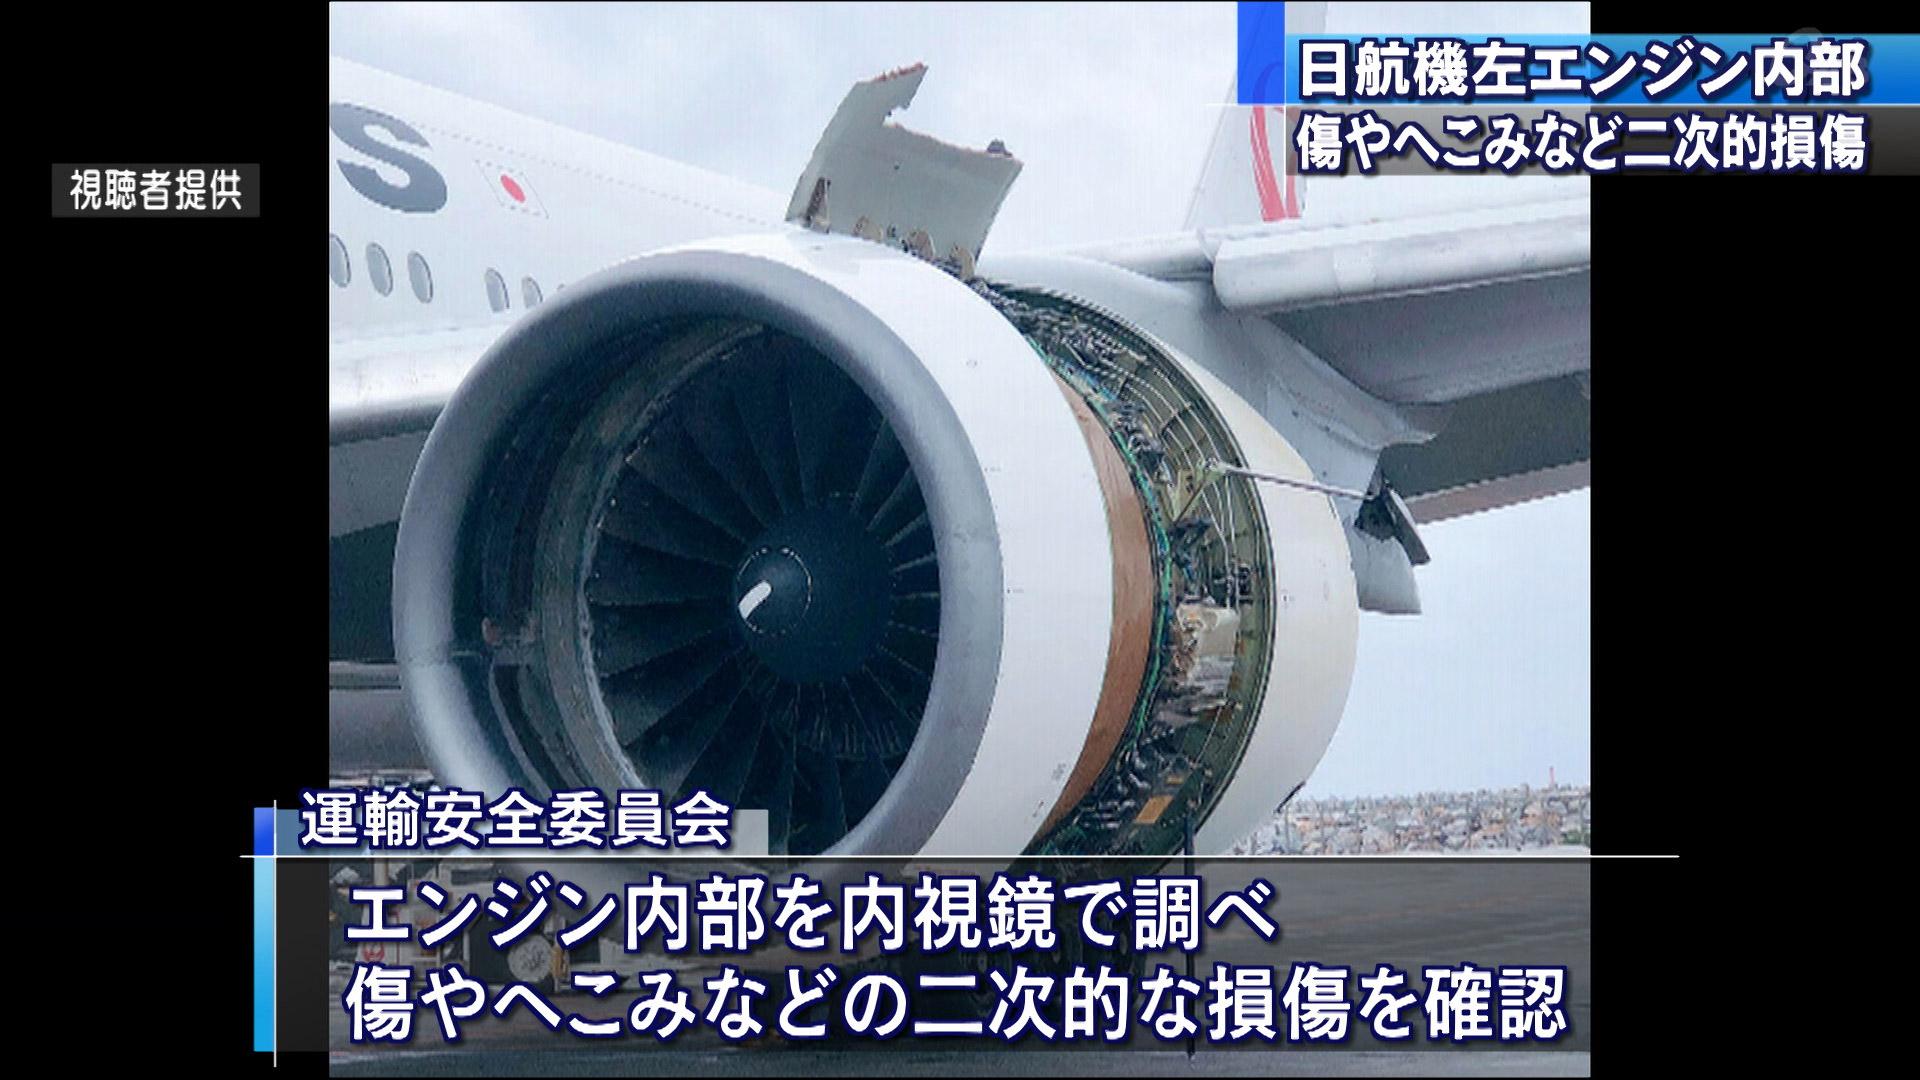 日航機 エンジン内部が損傷